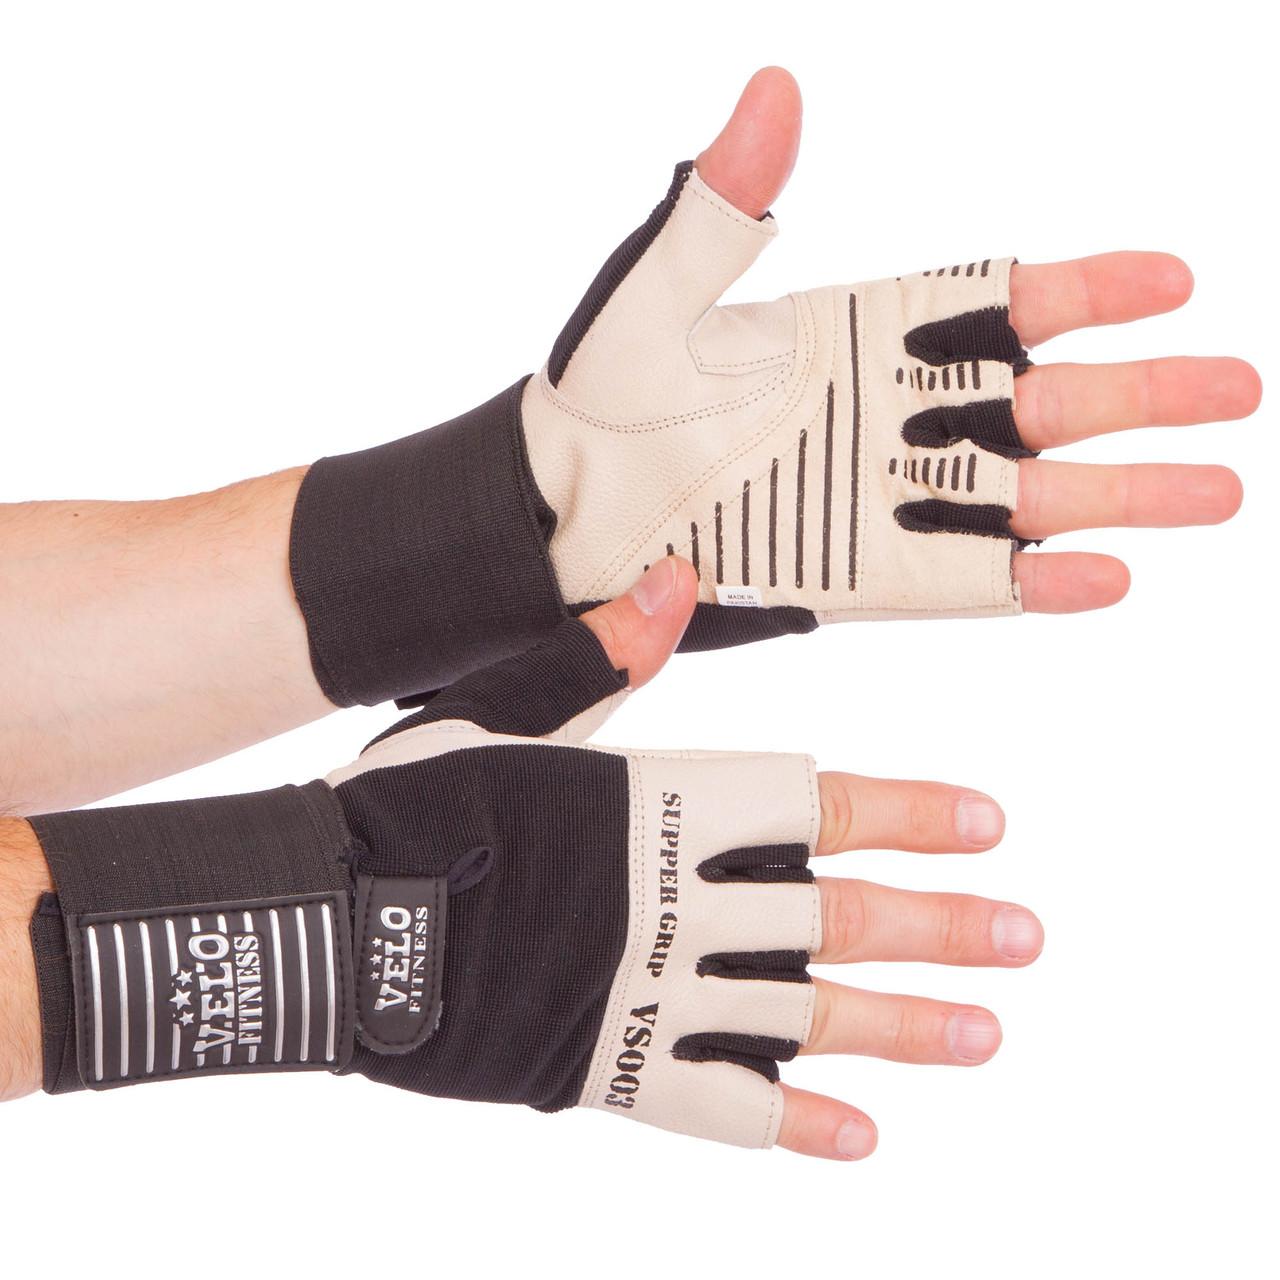 Перчатки атлетические с фиксатором запястья VELO VL-8113 (реплика)